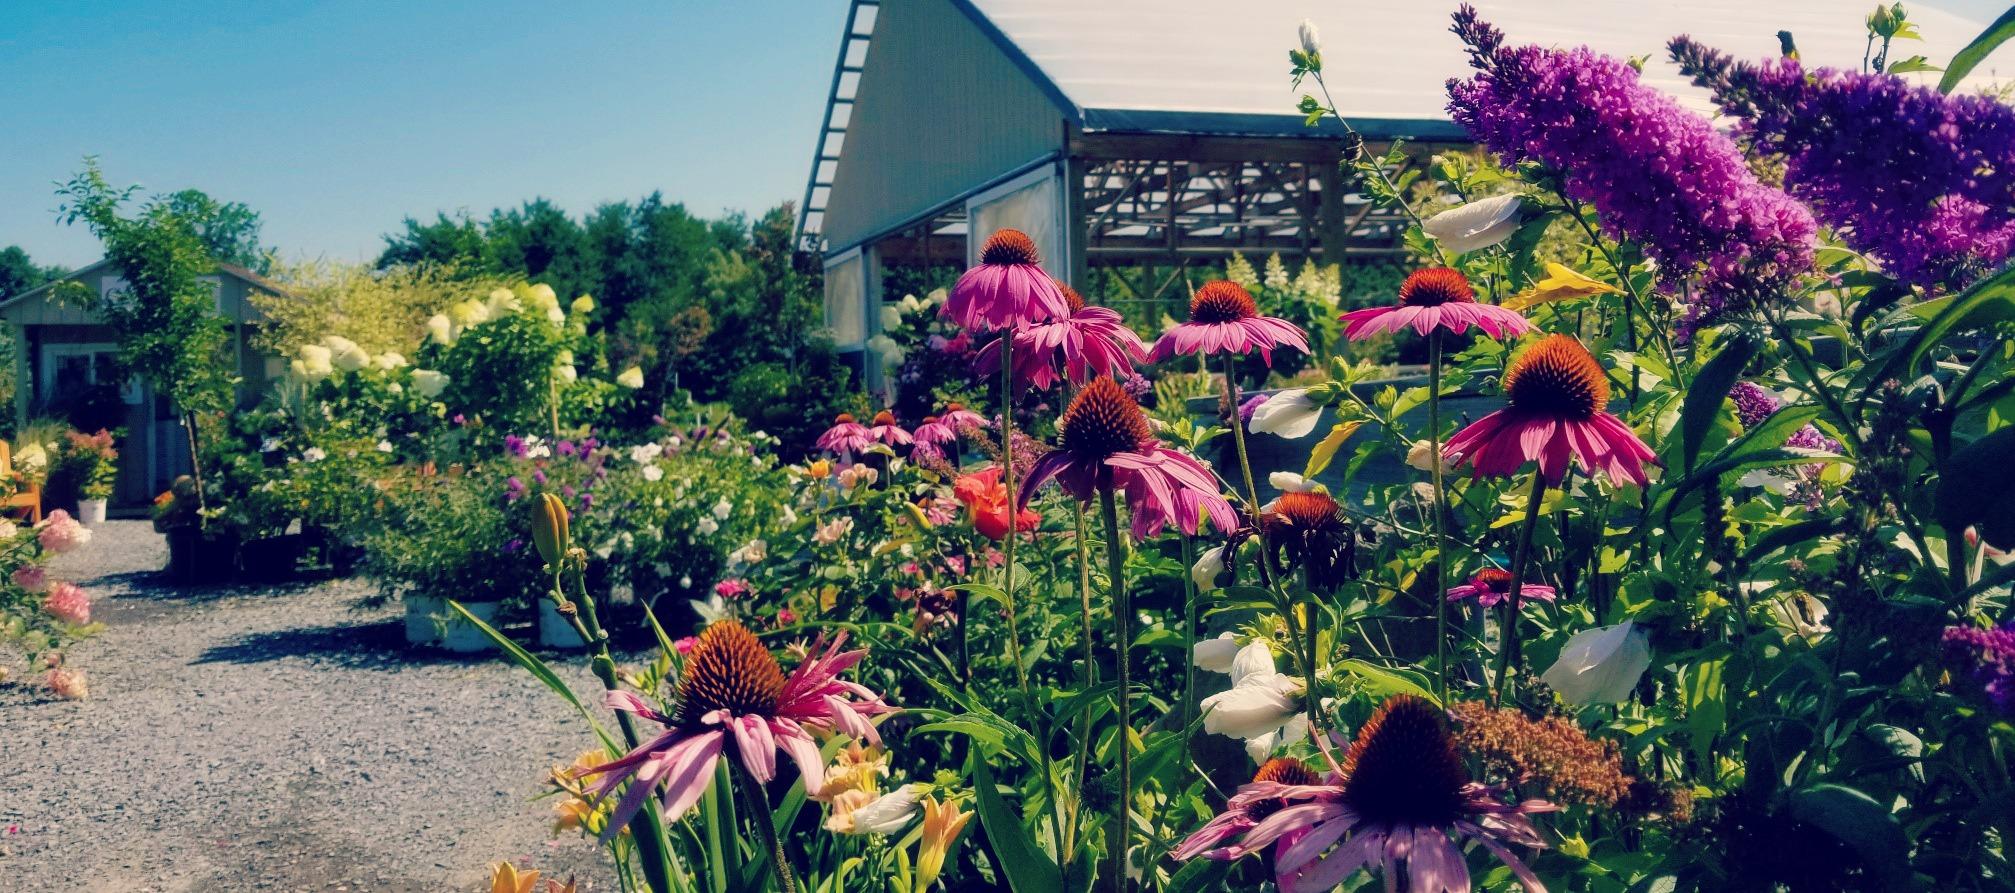 Attrayant Garden Center   GreenScapes Garden Center U0026 Landscape Co.